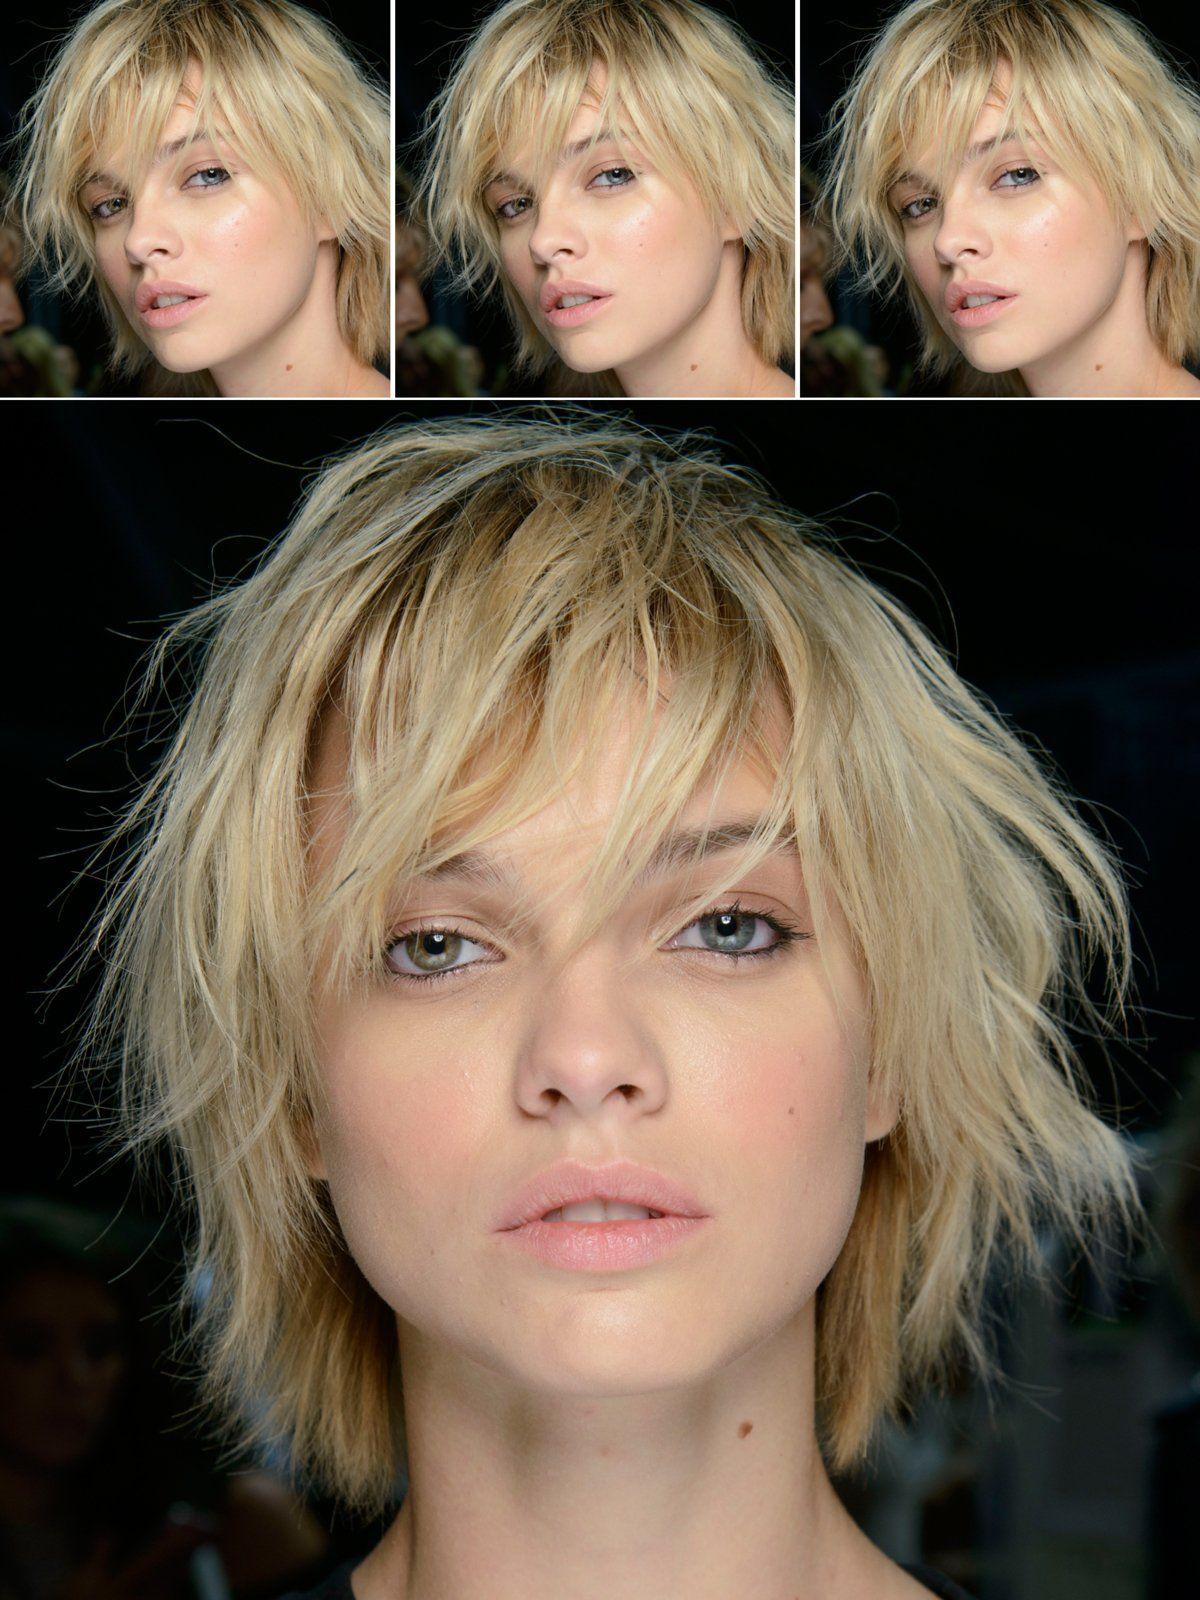 Bei Besonders Kraftigen Haaren Sind Stufen Ideal Um Dem Ganzen Etwas Von Seiner Schwere Zu Neh Frisuren Kurze Haare Stufen Frisur Dicke Haare Kurzhaarschnitte